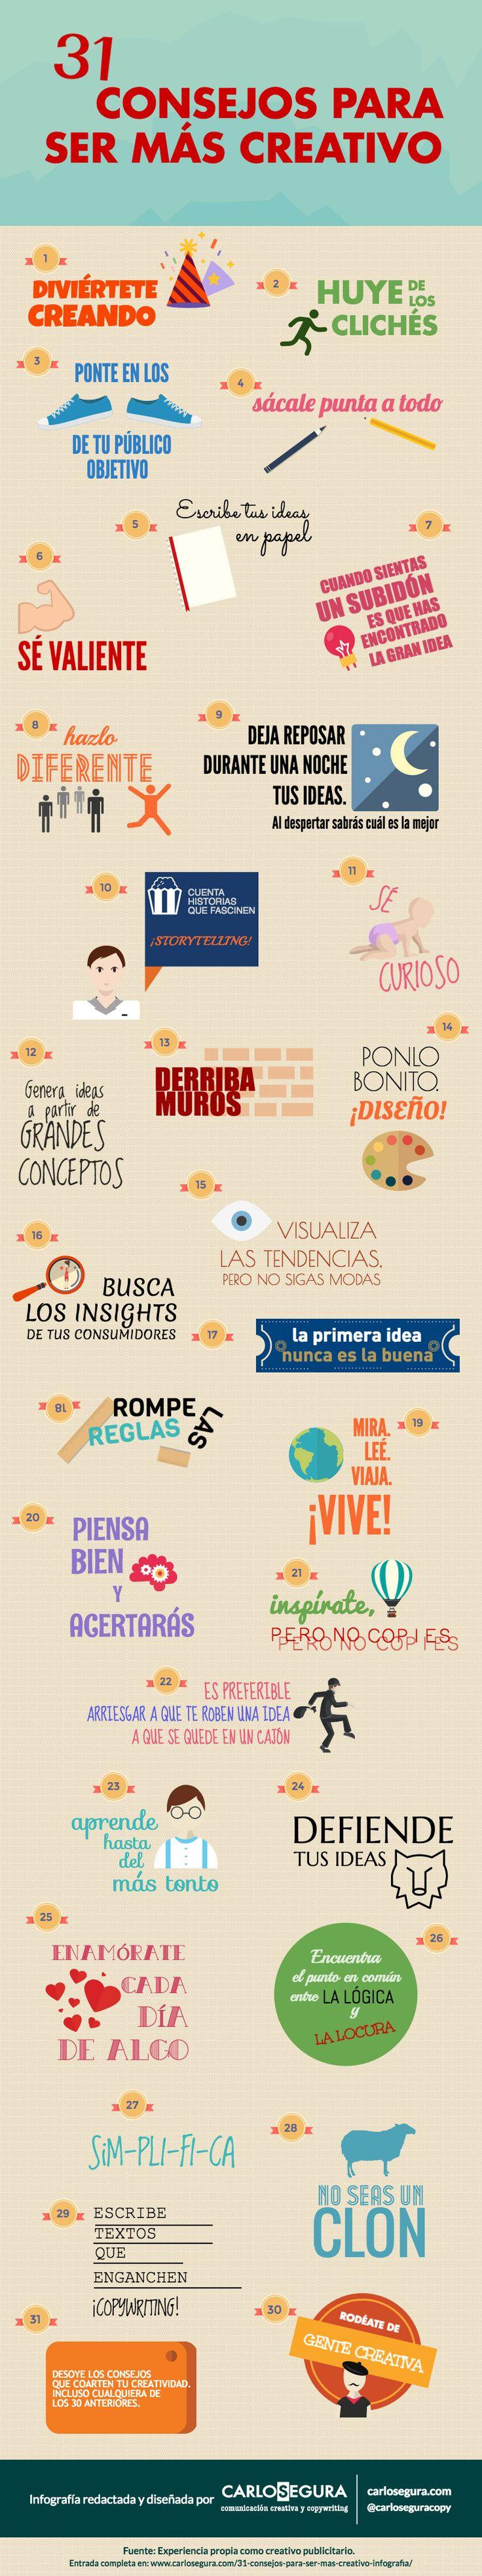 31 consejos para ser más creativo (infografía sobre creatividad). Realizada por Carlos Segura